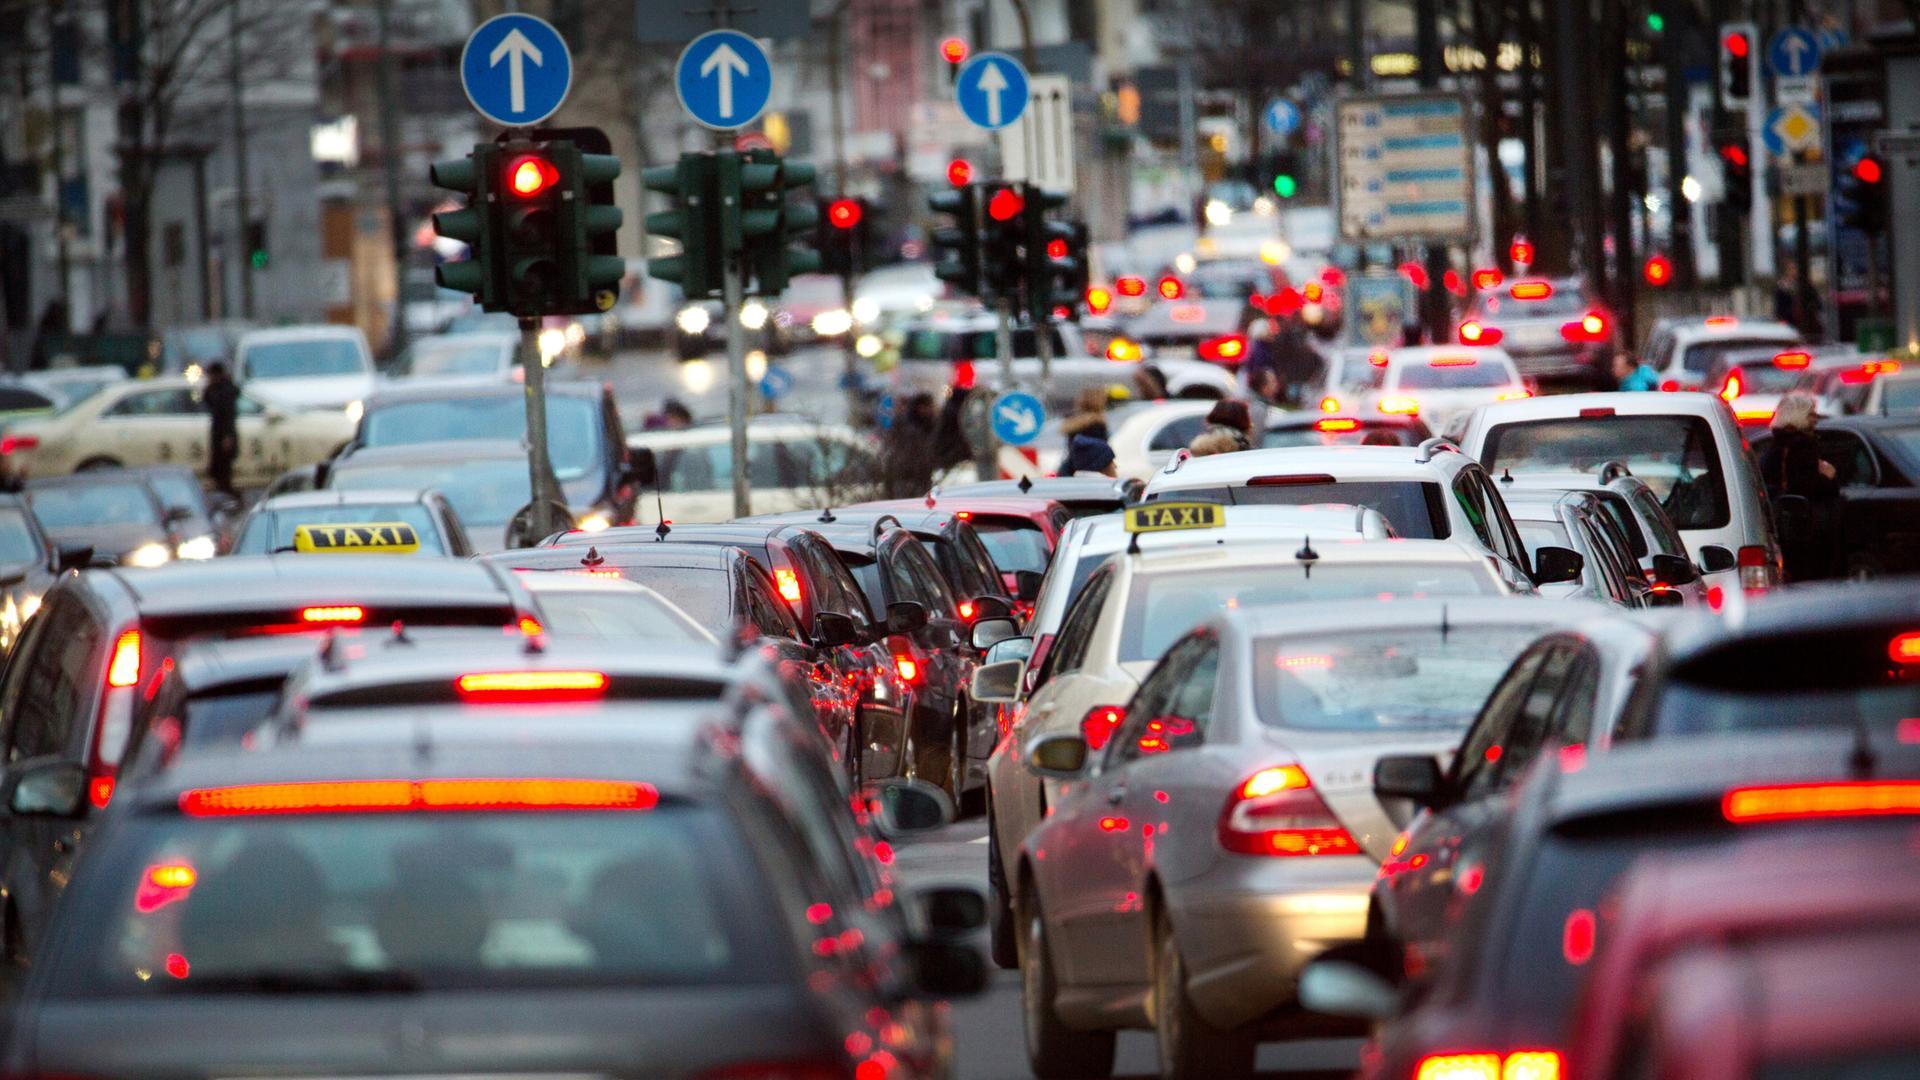 Diesel Und Stickstoff Ausstoß Scheuer Macht Weg Für Nachrüstung